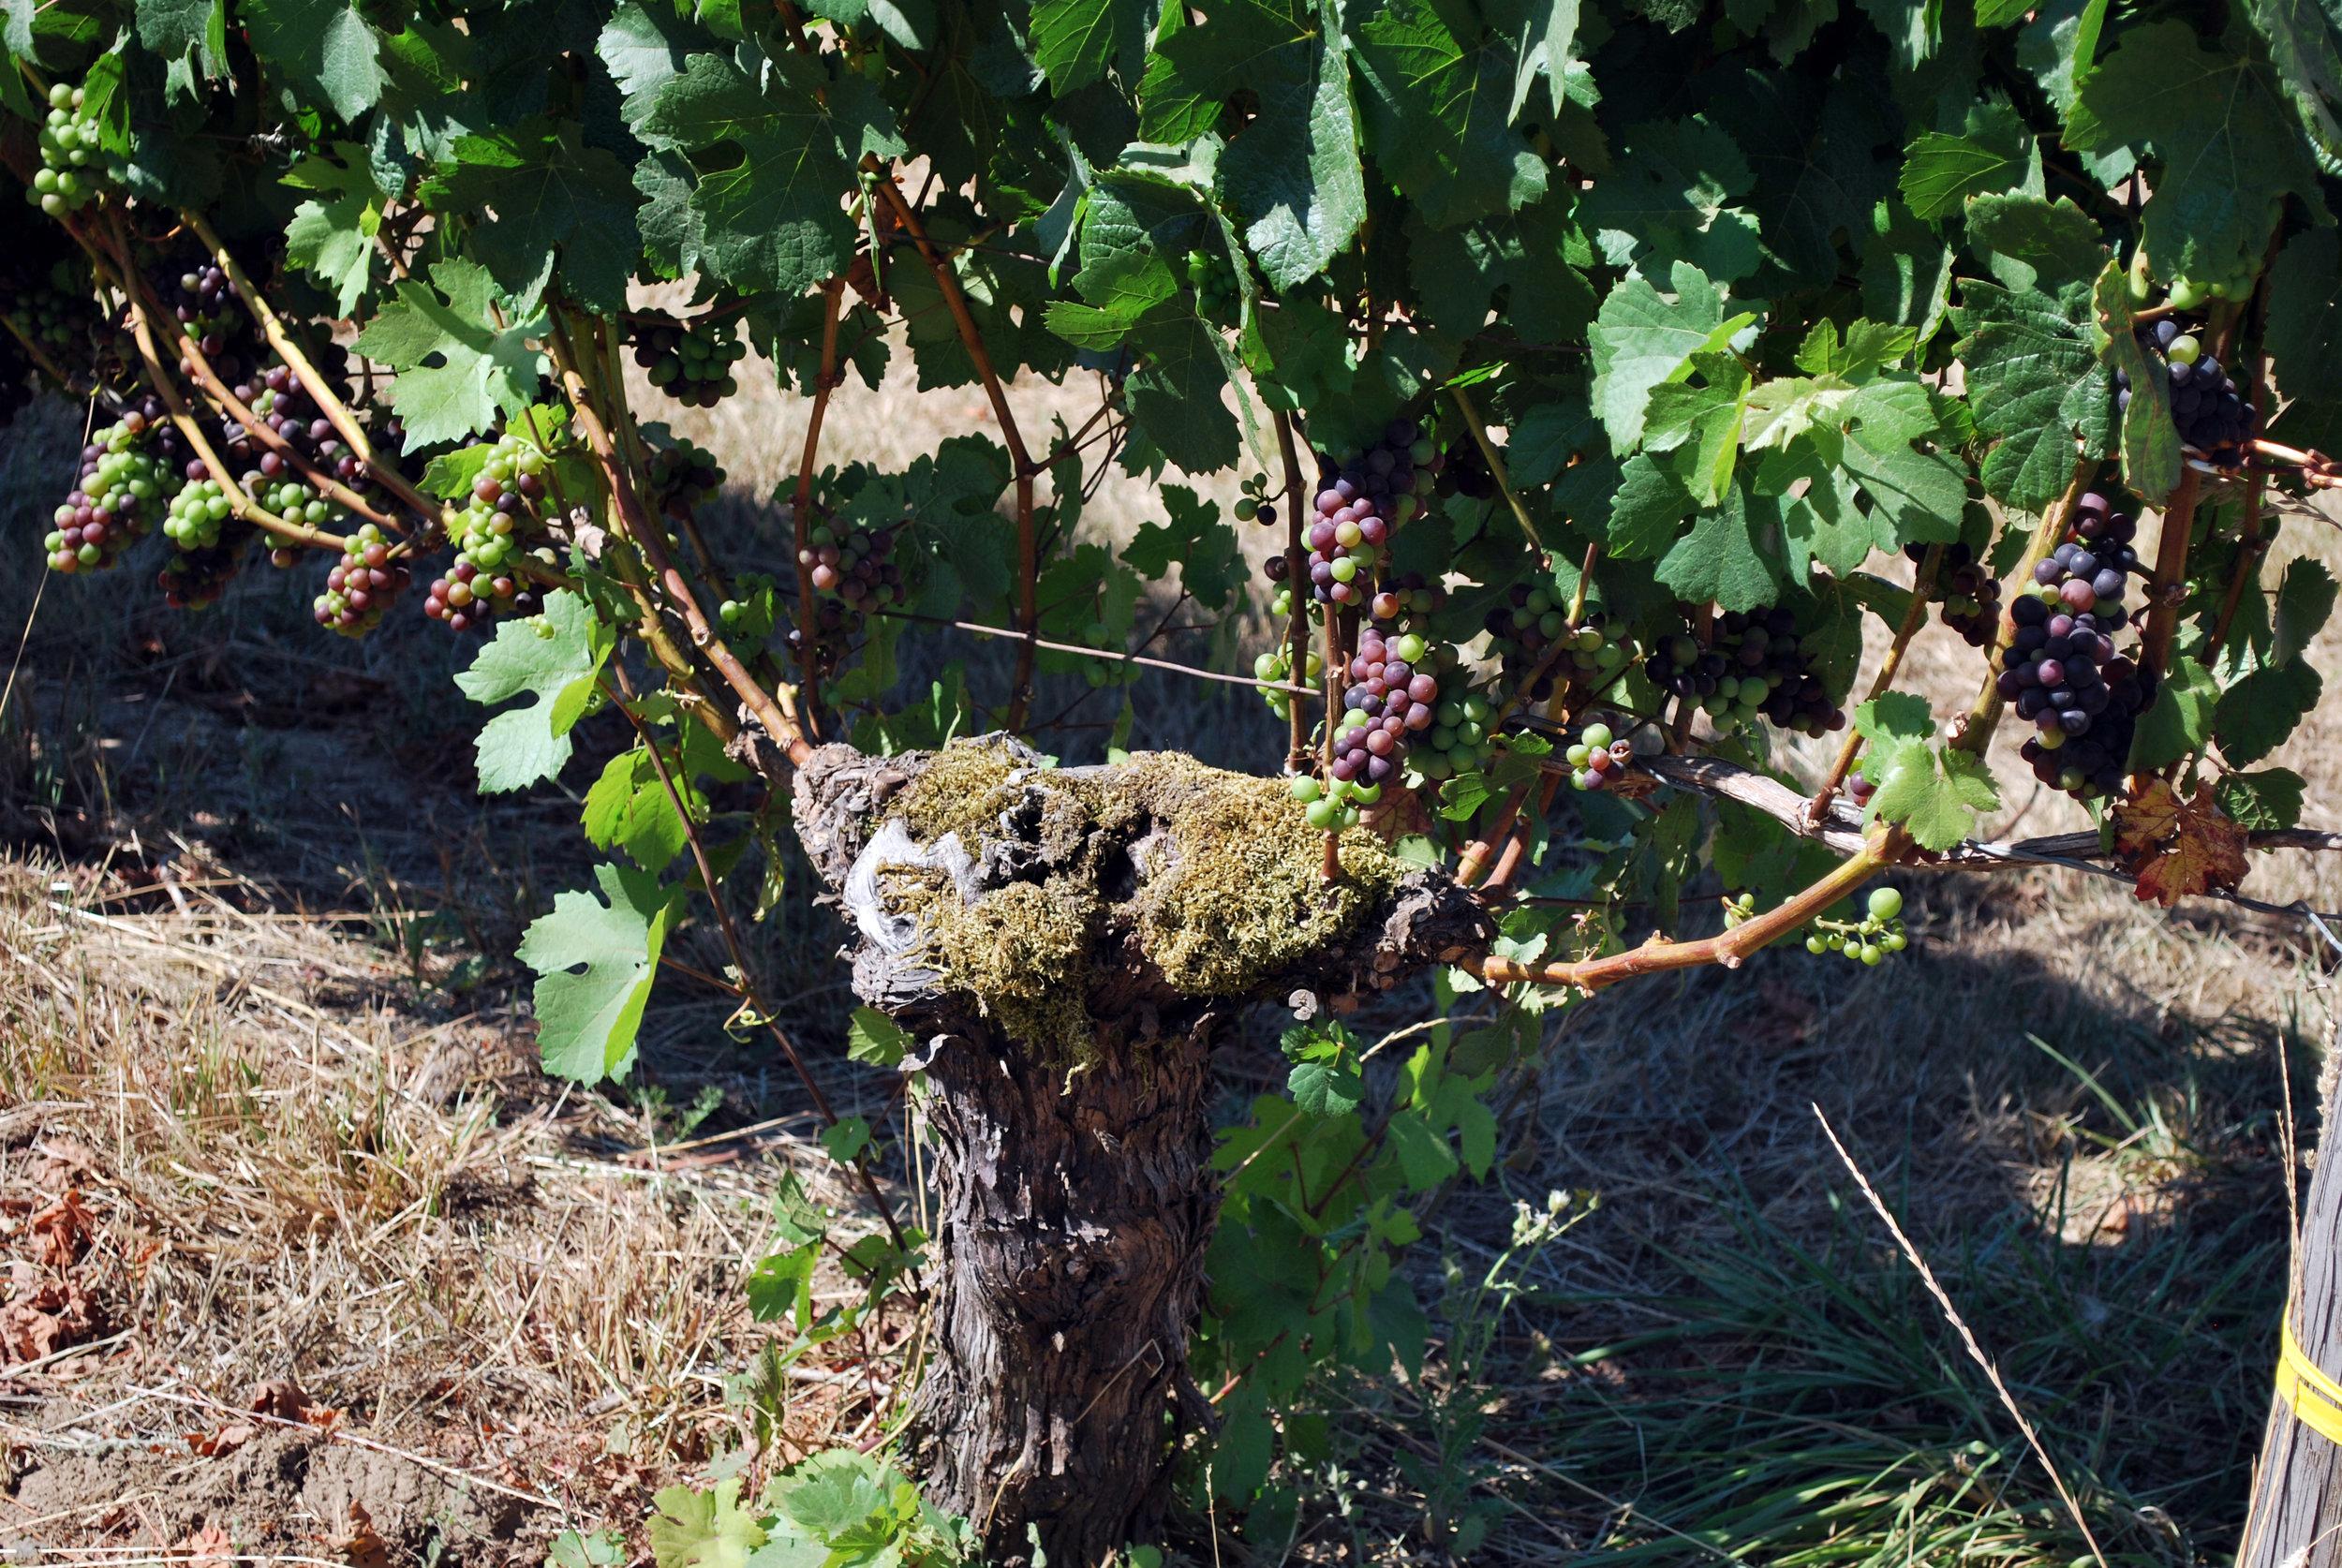 Chehalem Mtn Vineyard Vine Aug 2016.jpg